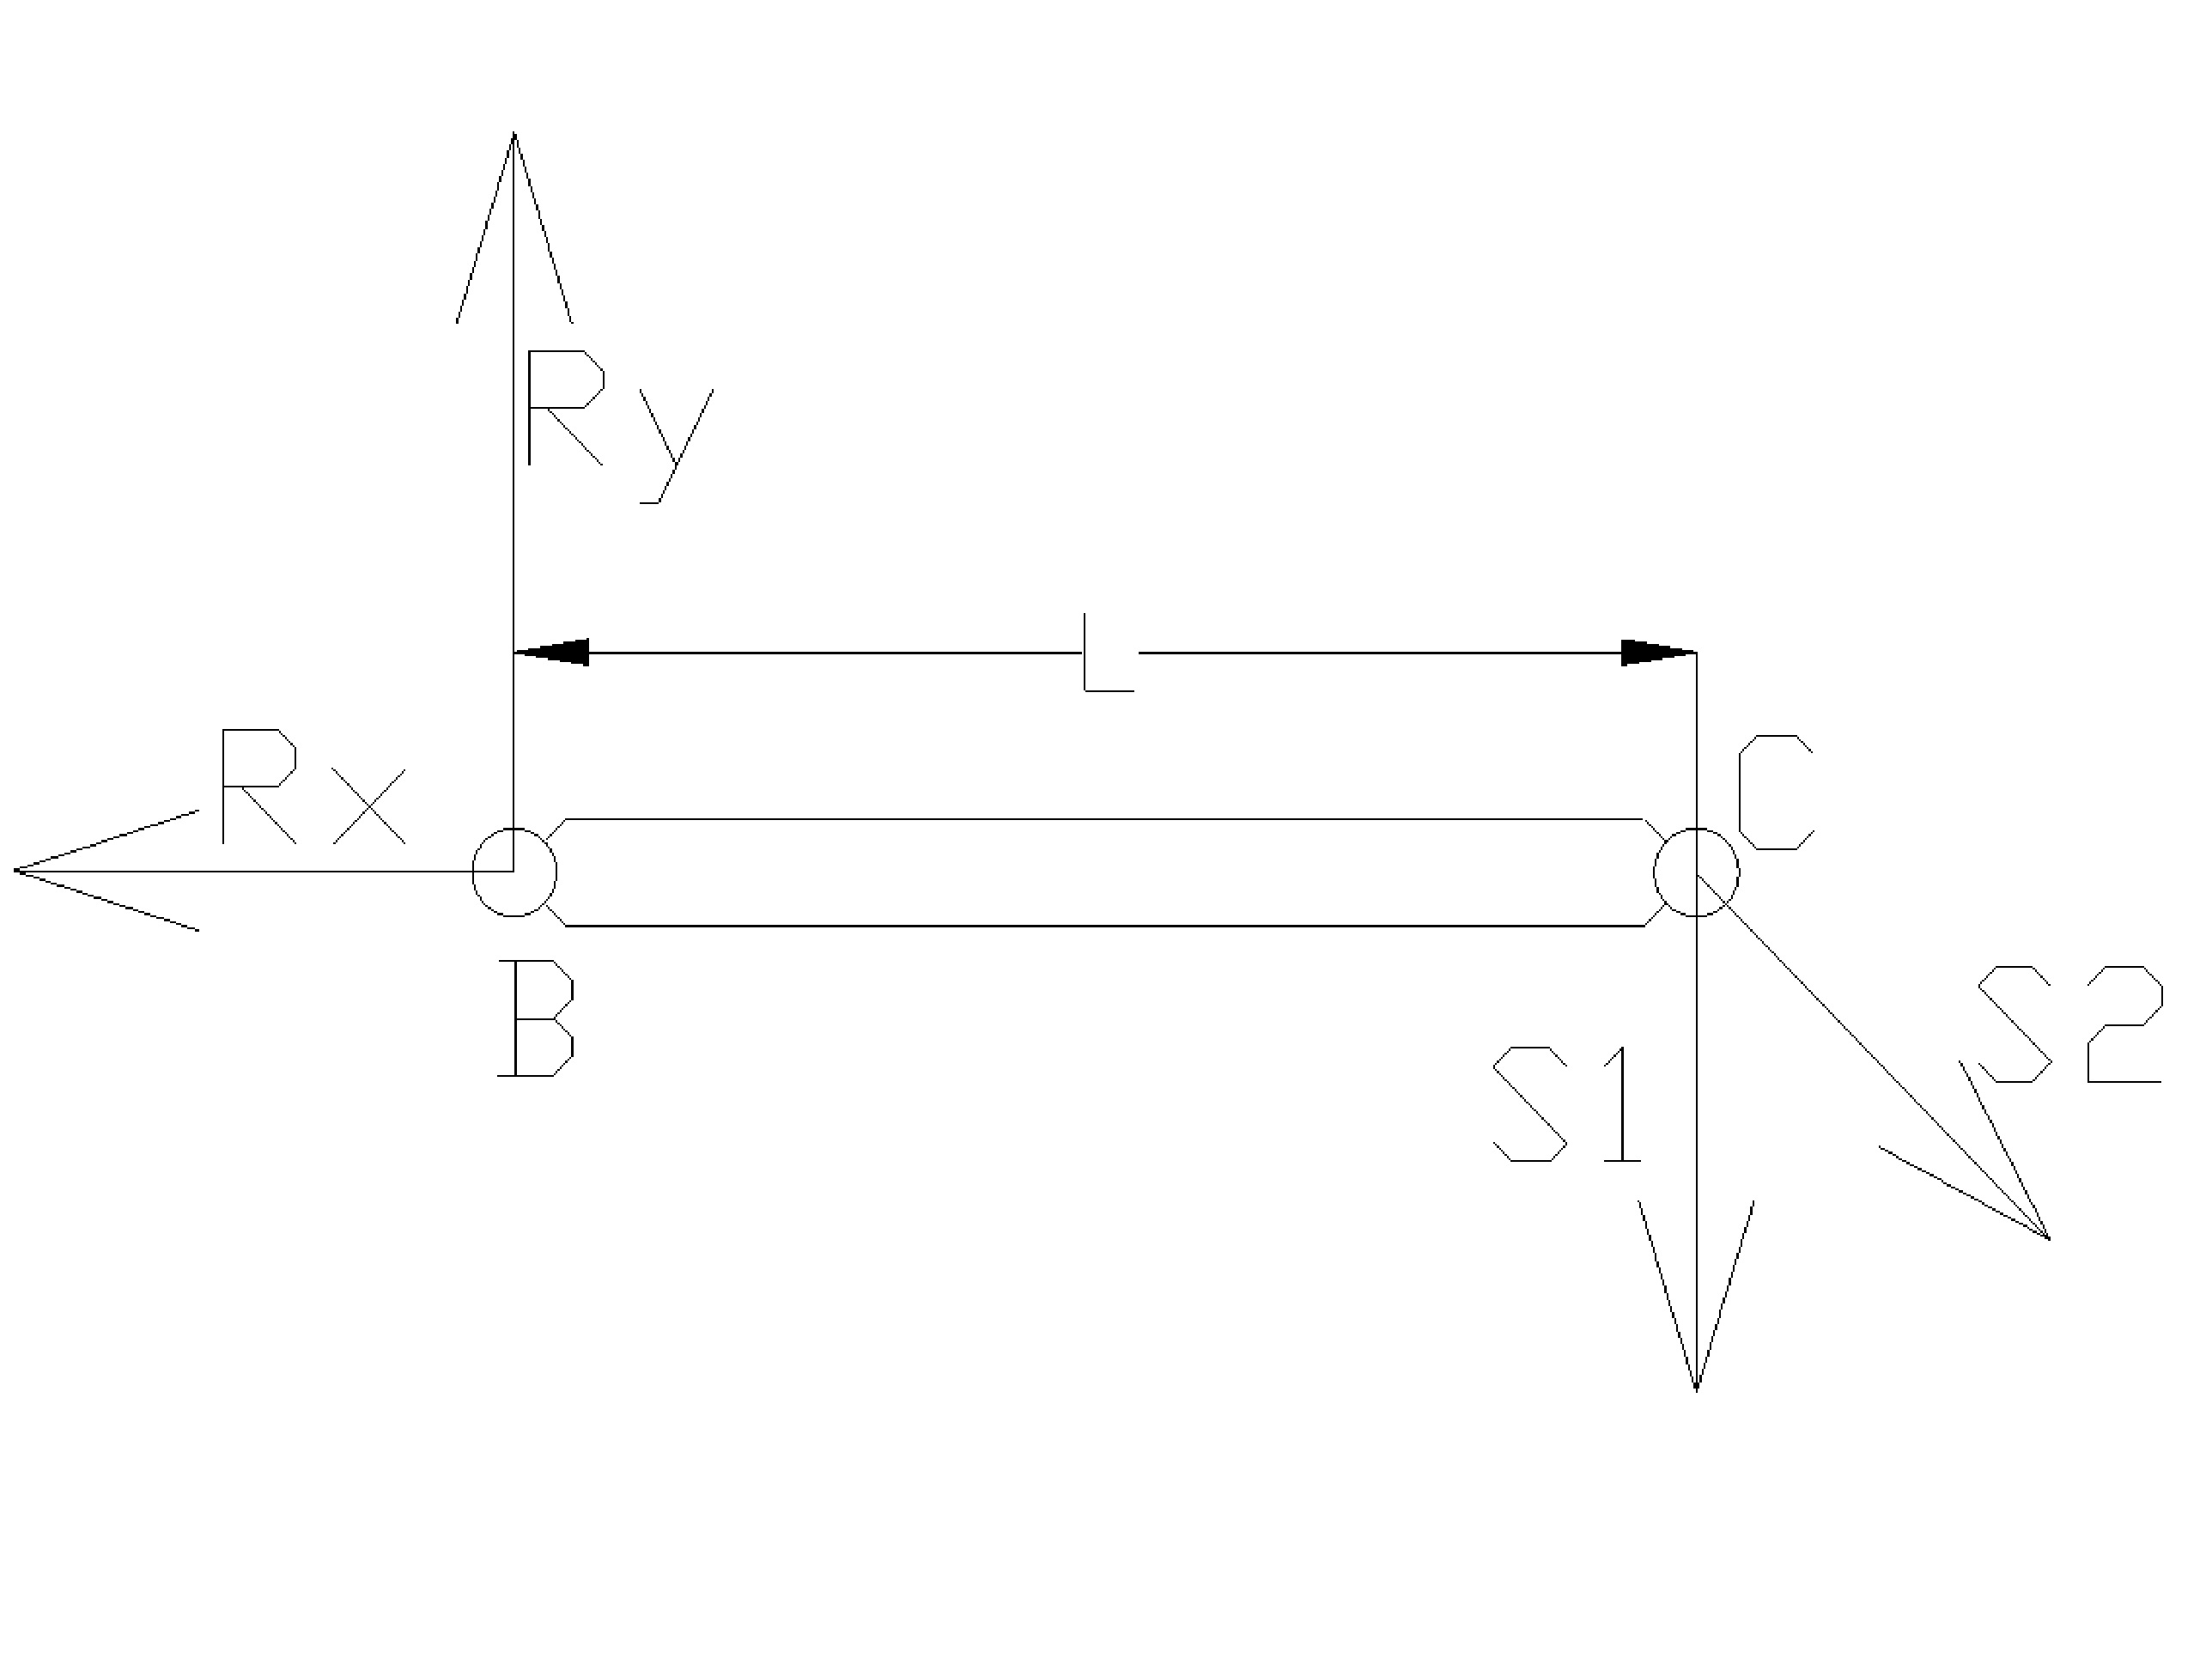 rozciaganie7 - Odkształcenie temperaturowe i układ statycznie niewyznaczalny - wytrzymałość - zadanie 18